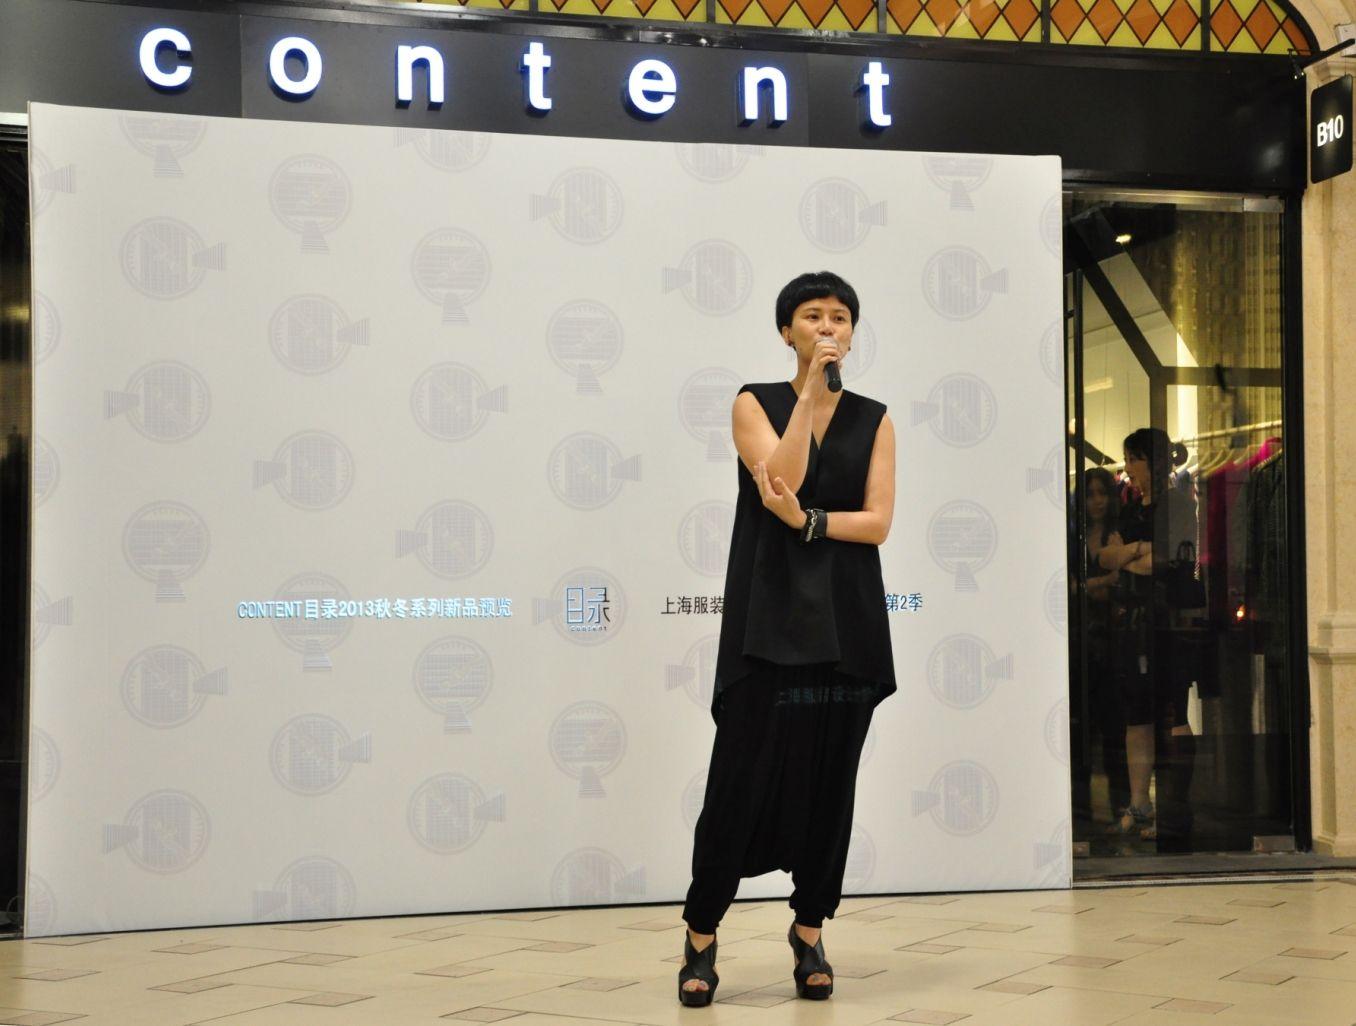 上海服装设计协会61设计师沙龙第2季开幕-手机凤凰